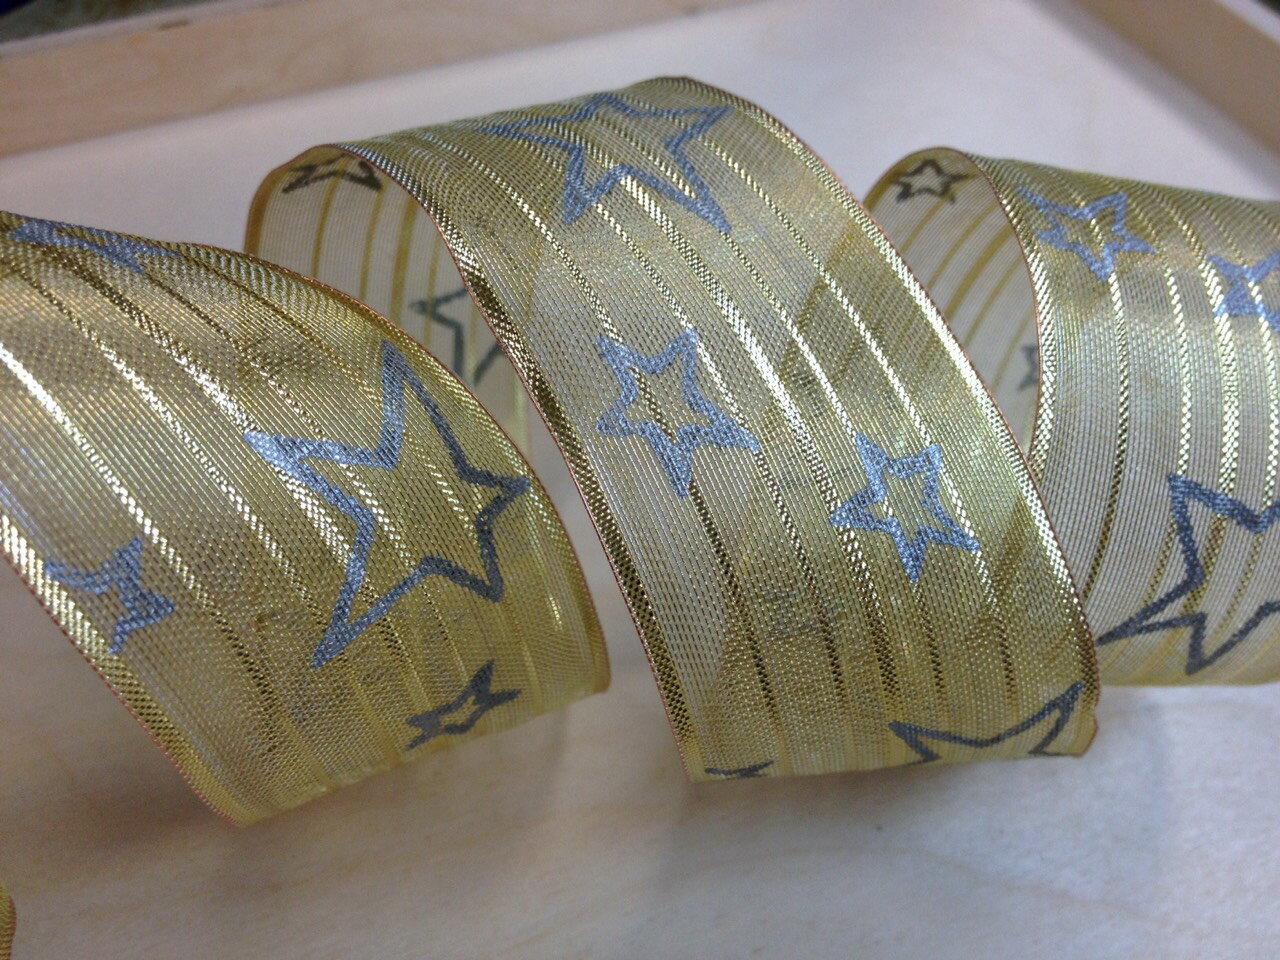 網紗緞帶-聖誕鐵絲星星 38mm 3碼裝 (2色) 1